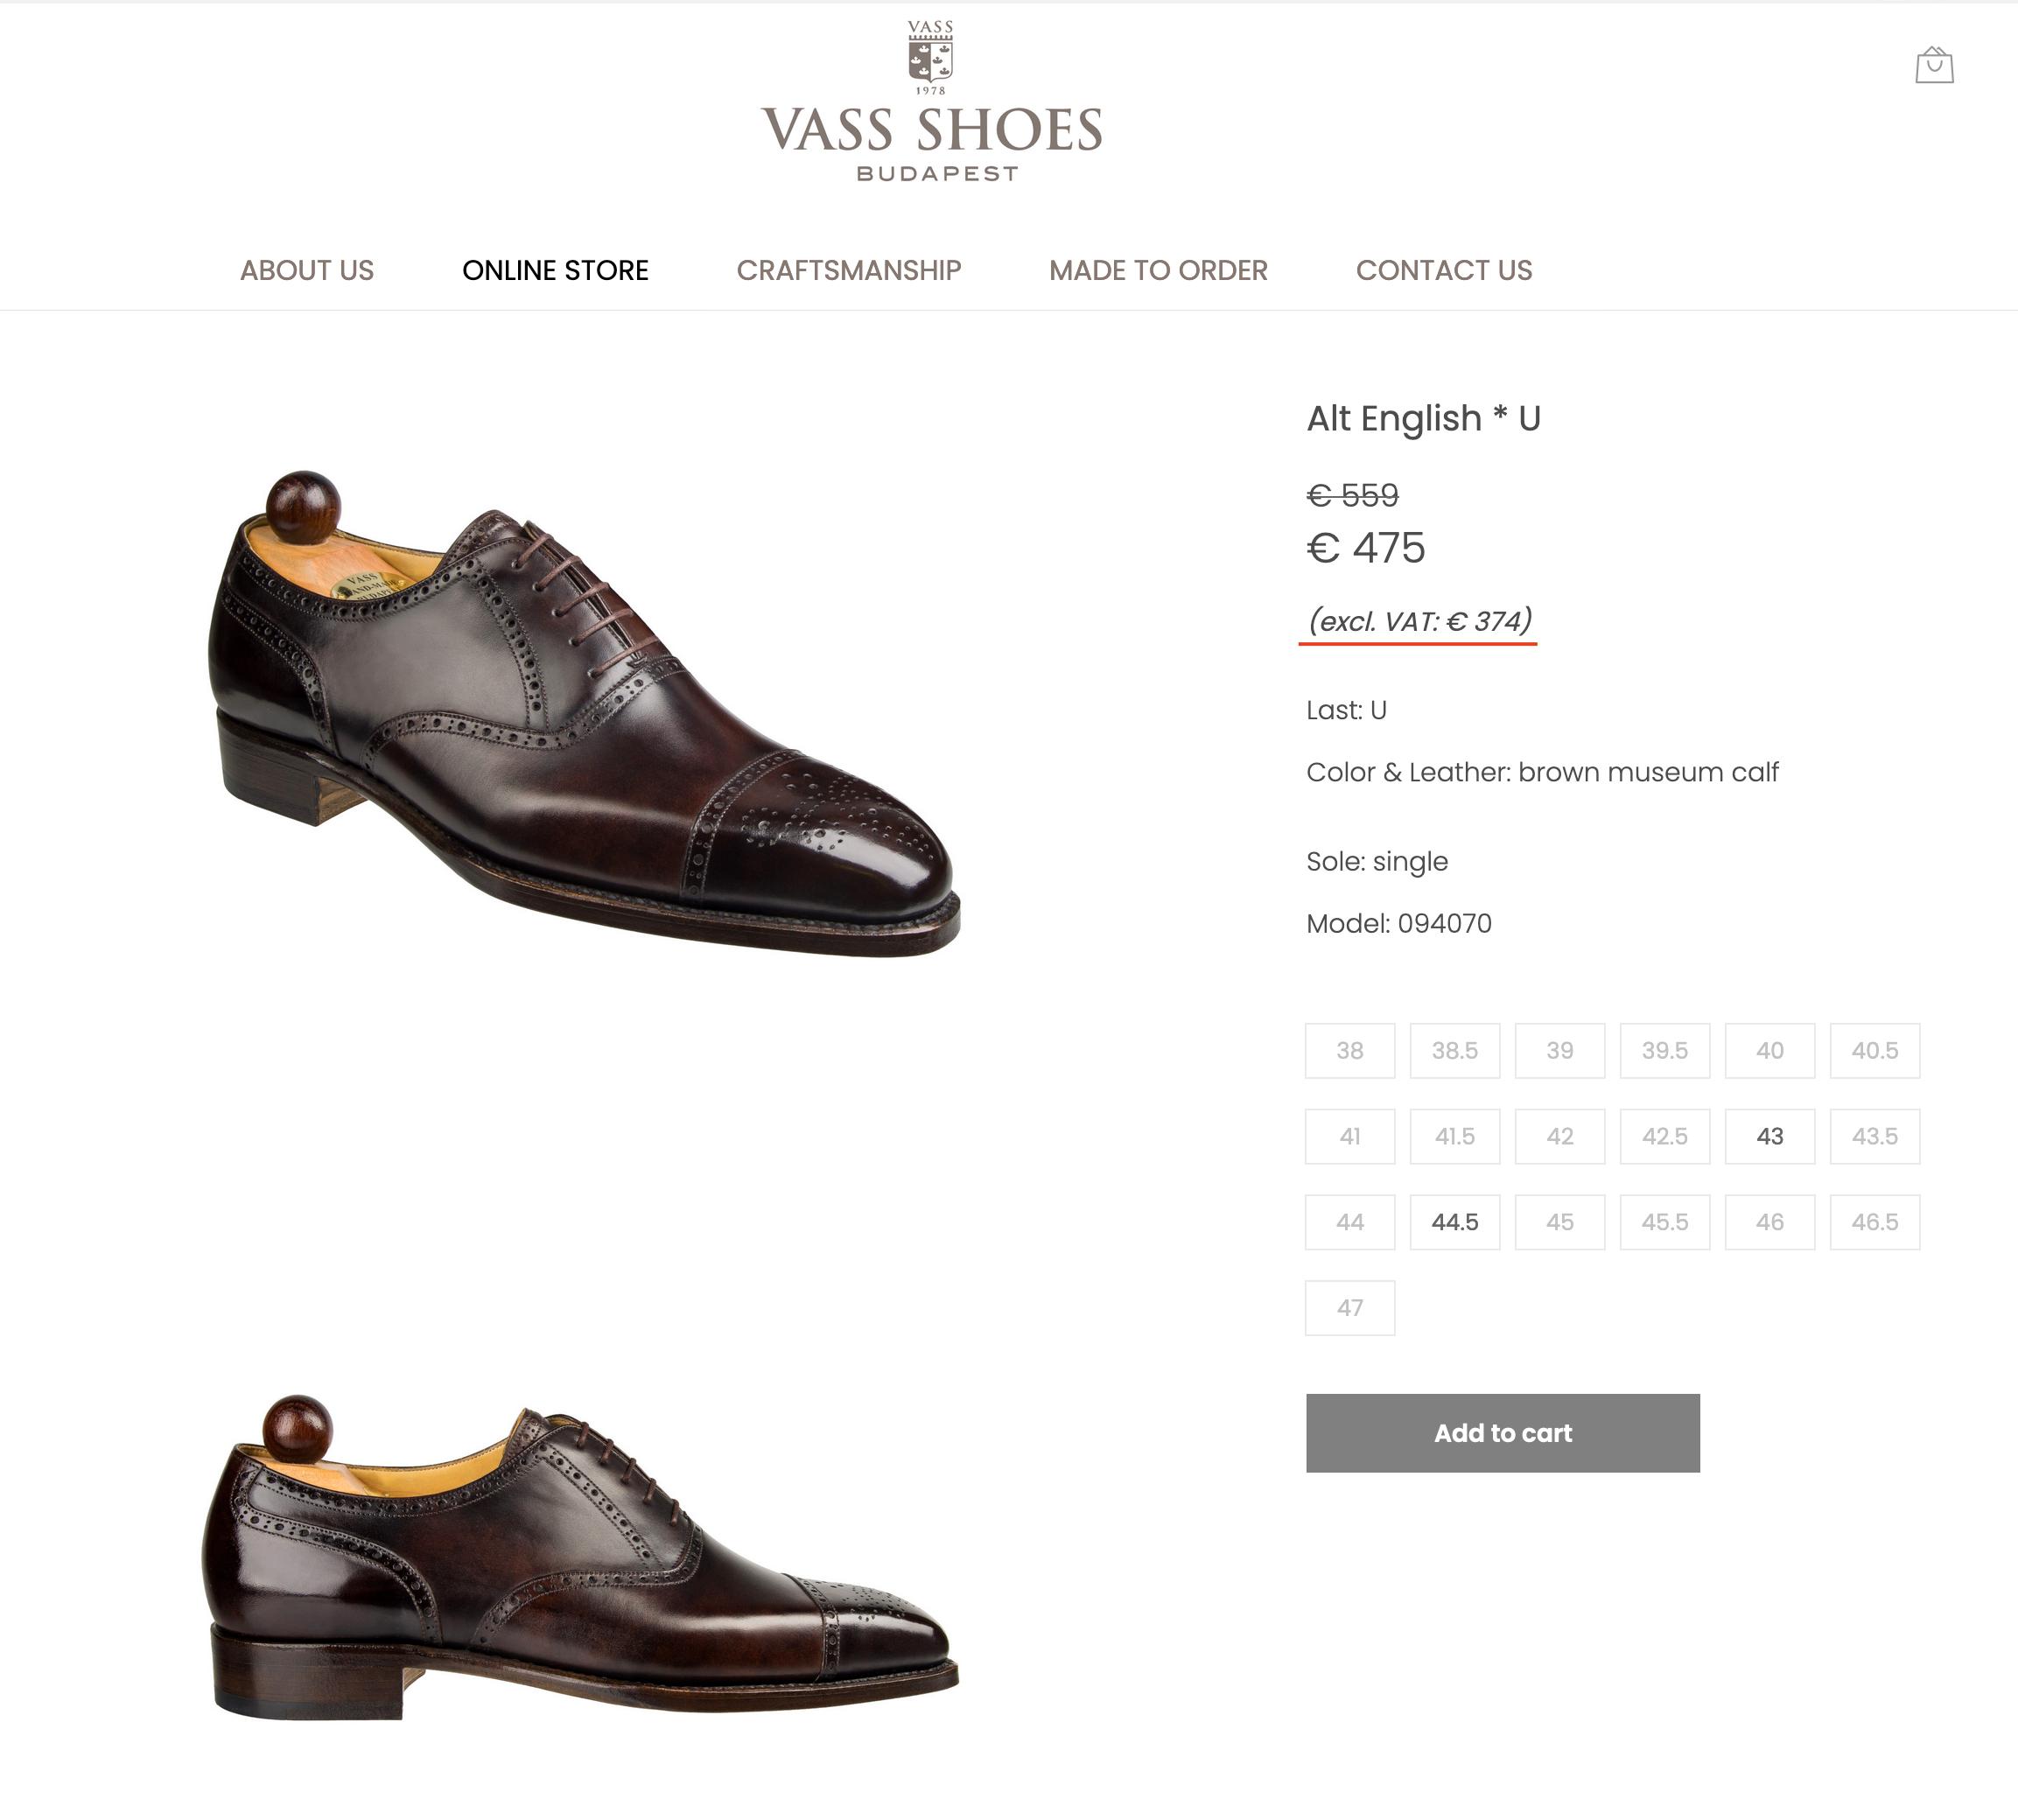 Le site officiel de Vass avec une paire en solde à 374€ pour clients hors UE. (Source: Vass)